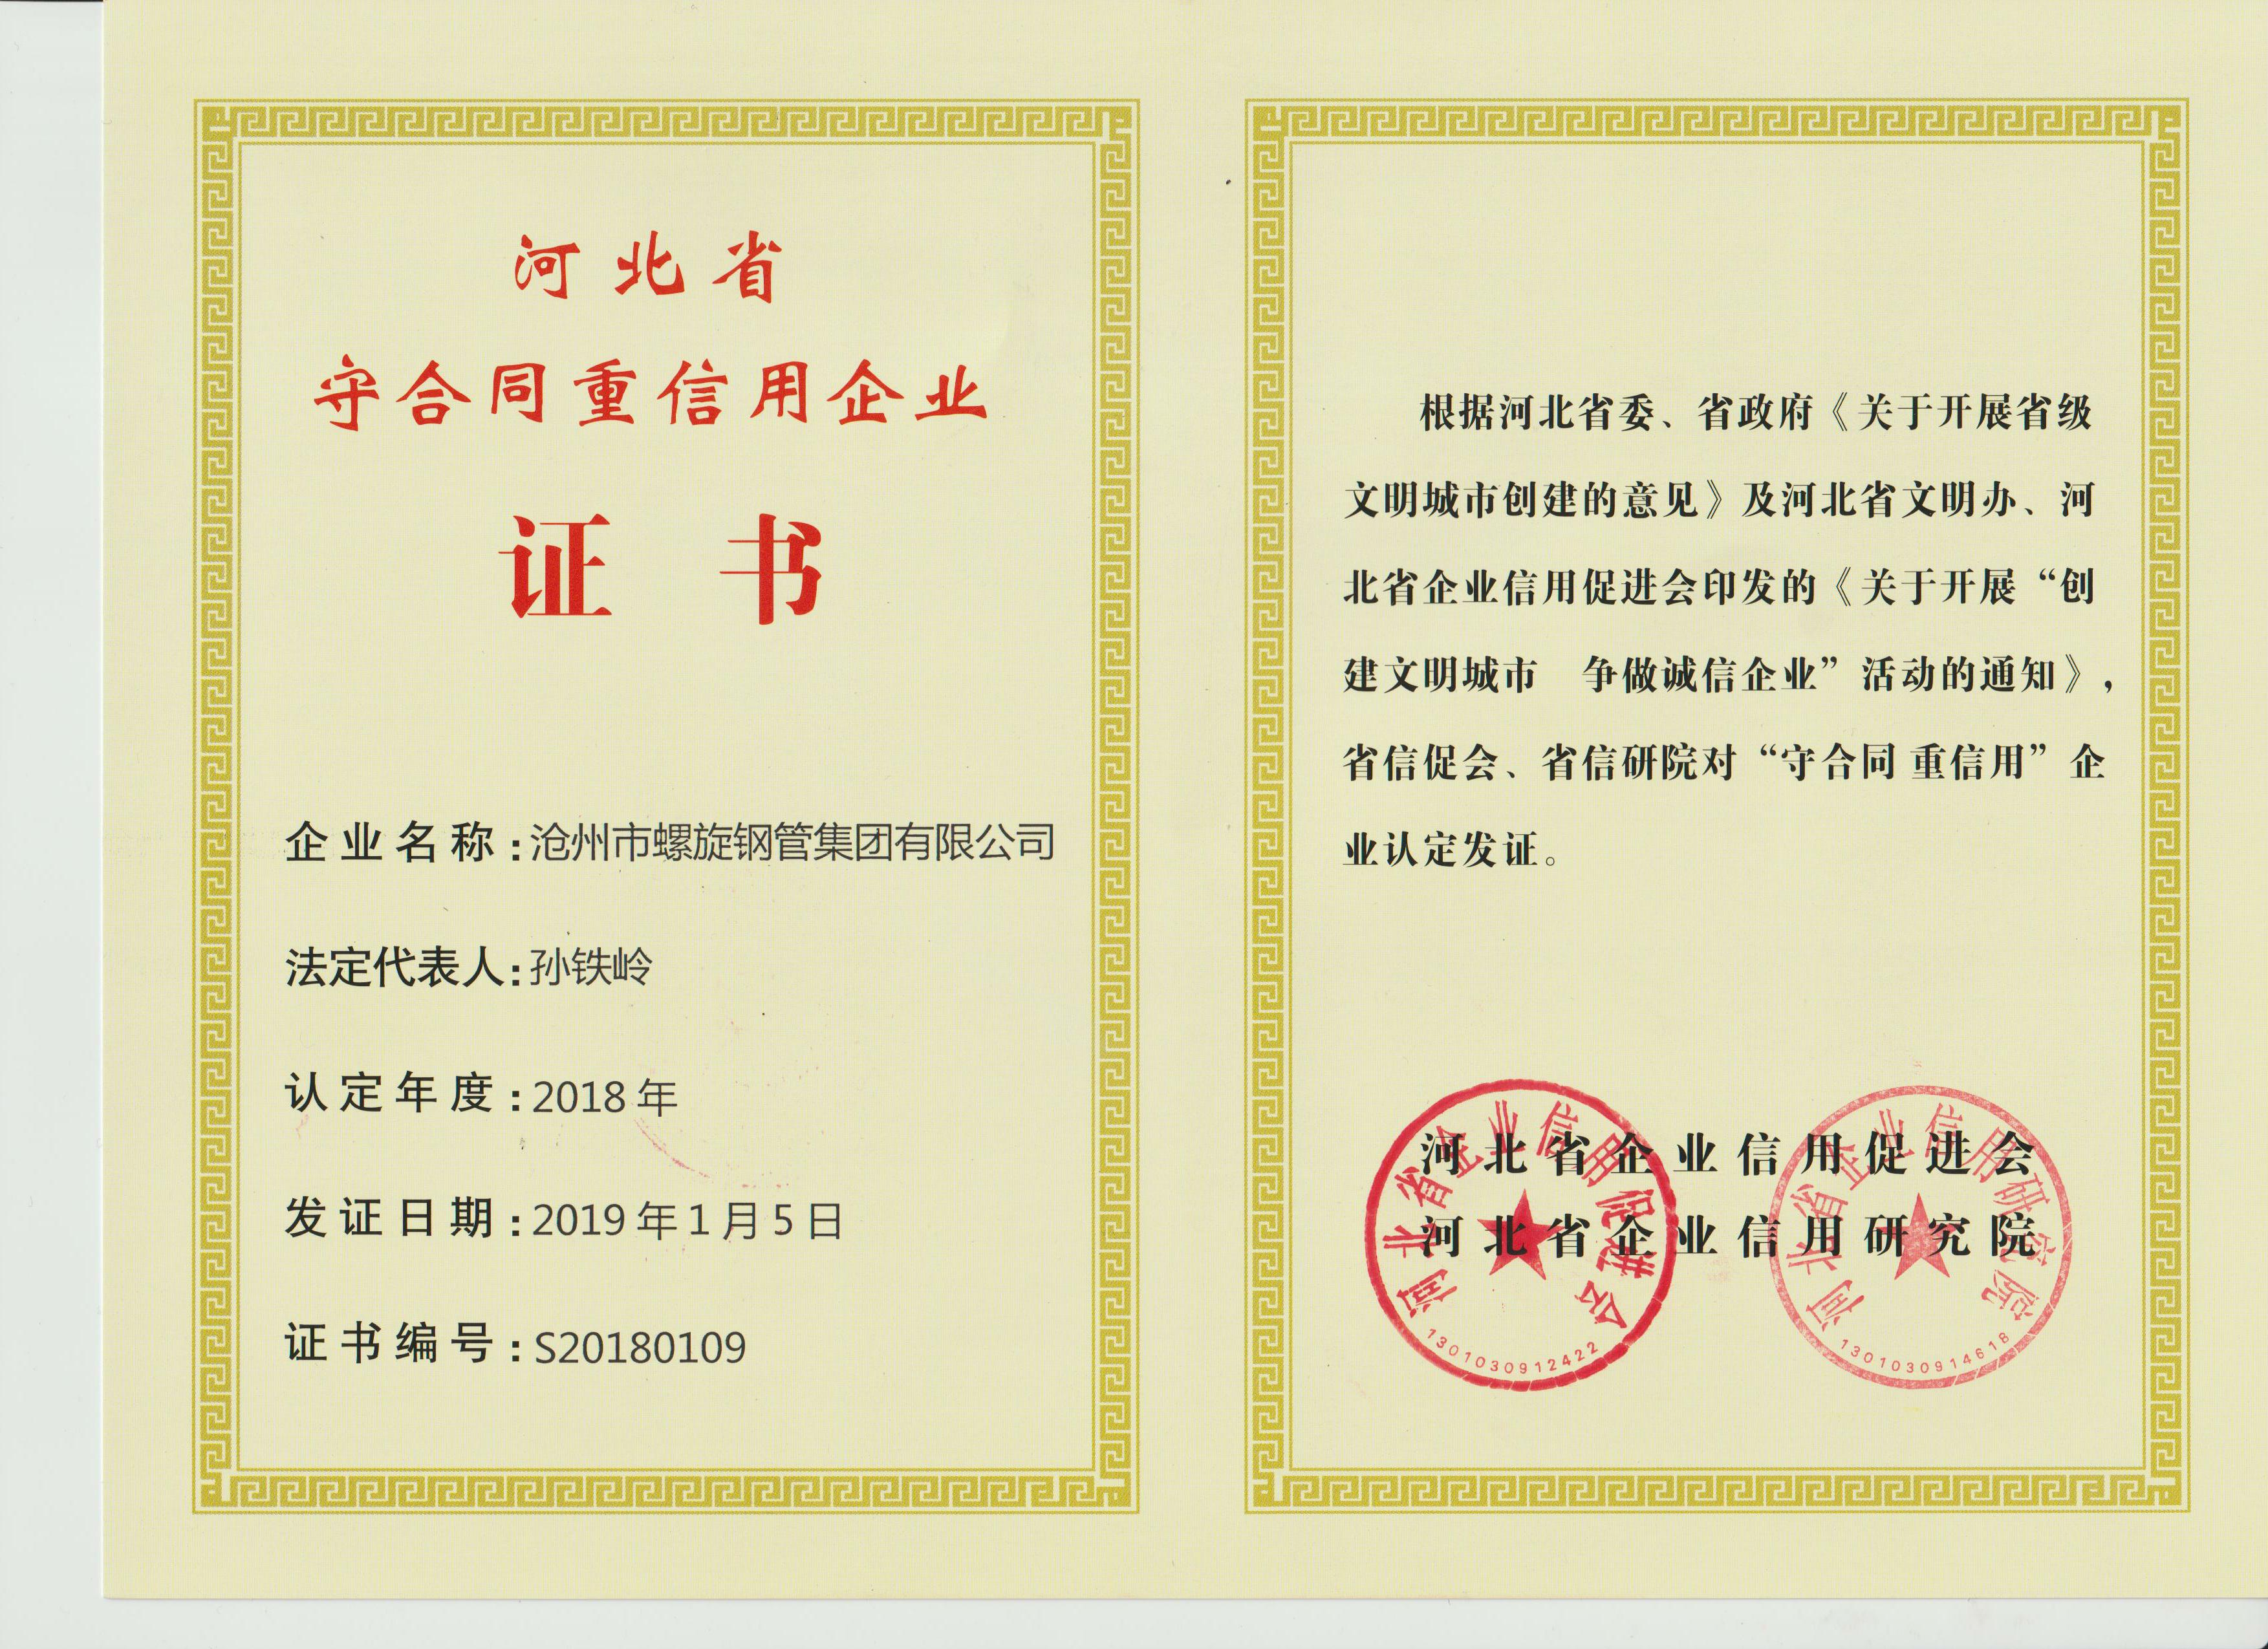 河北省守合同重信用企業證書2019